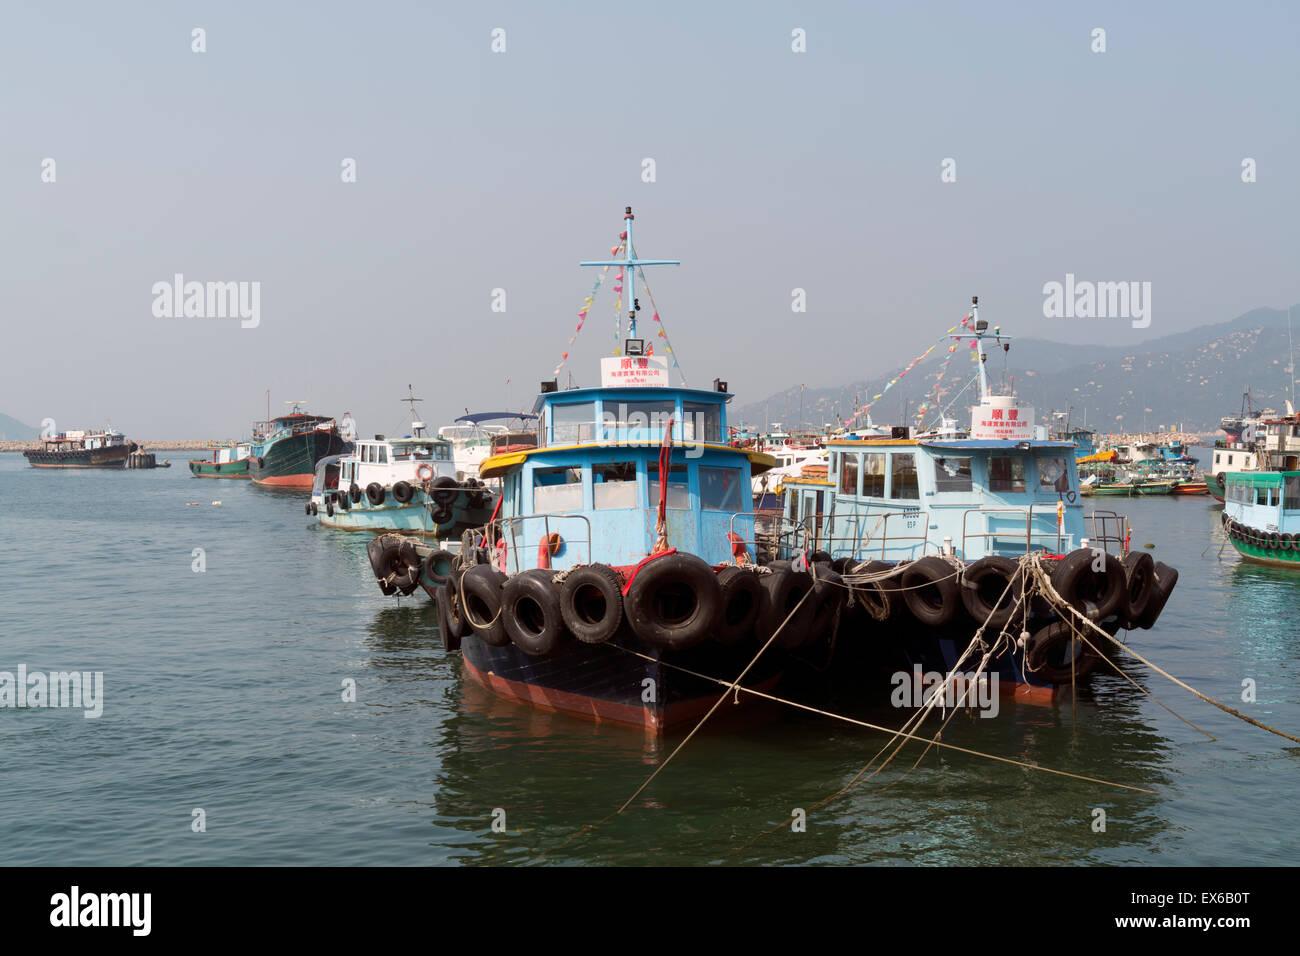 Hong Kong, Hong Kong SAR -November 19, 2014: Fishing boats at Cheung Chau island Hong Kong. Cheung Chau  is a small - Stock Image